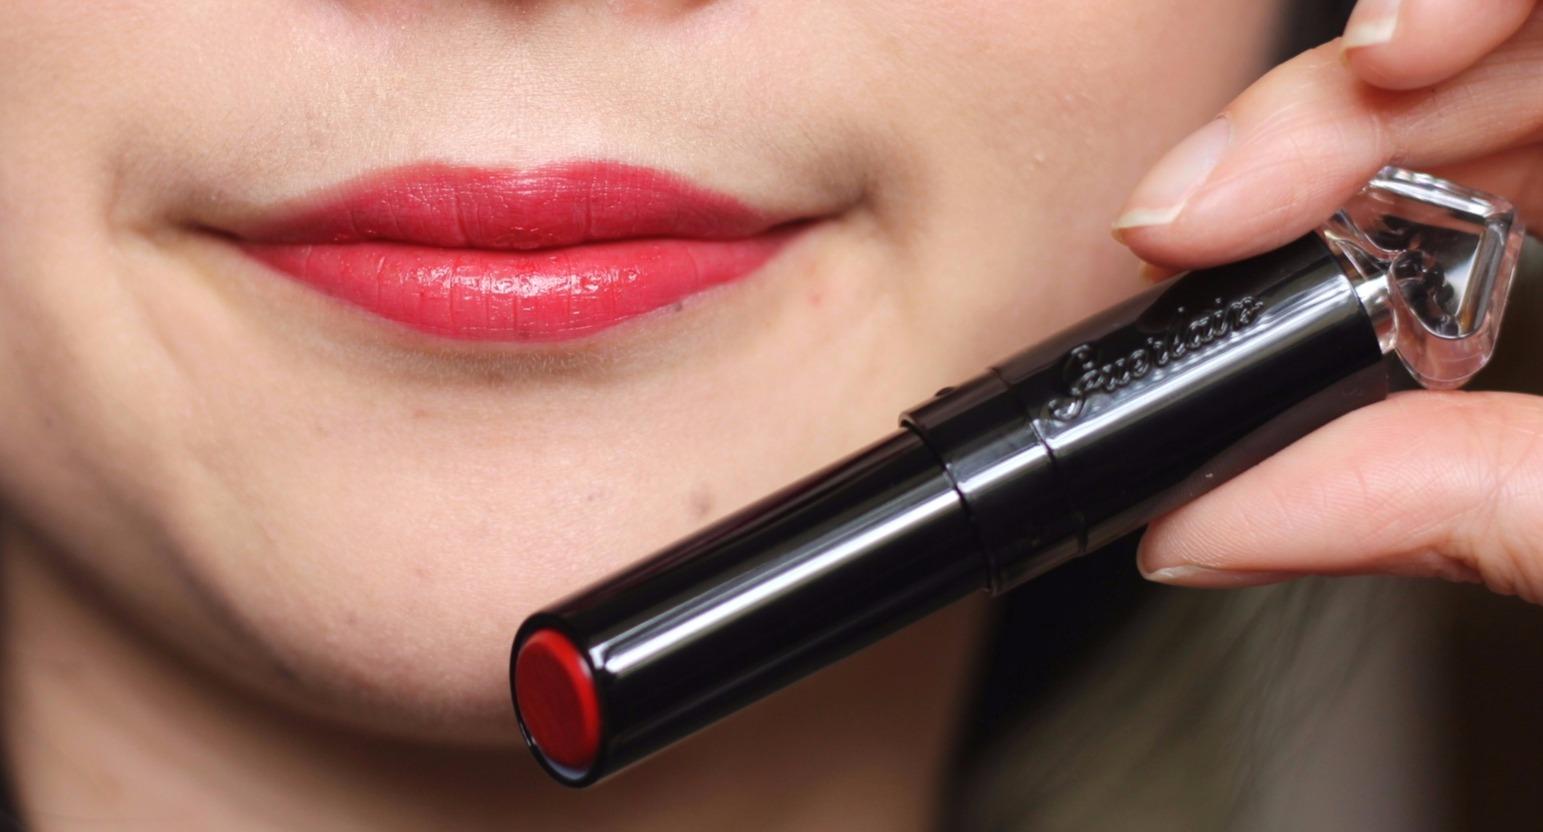 Guerlain petite robe noire lipstick review